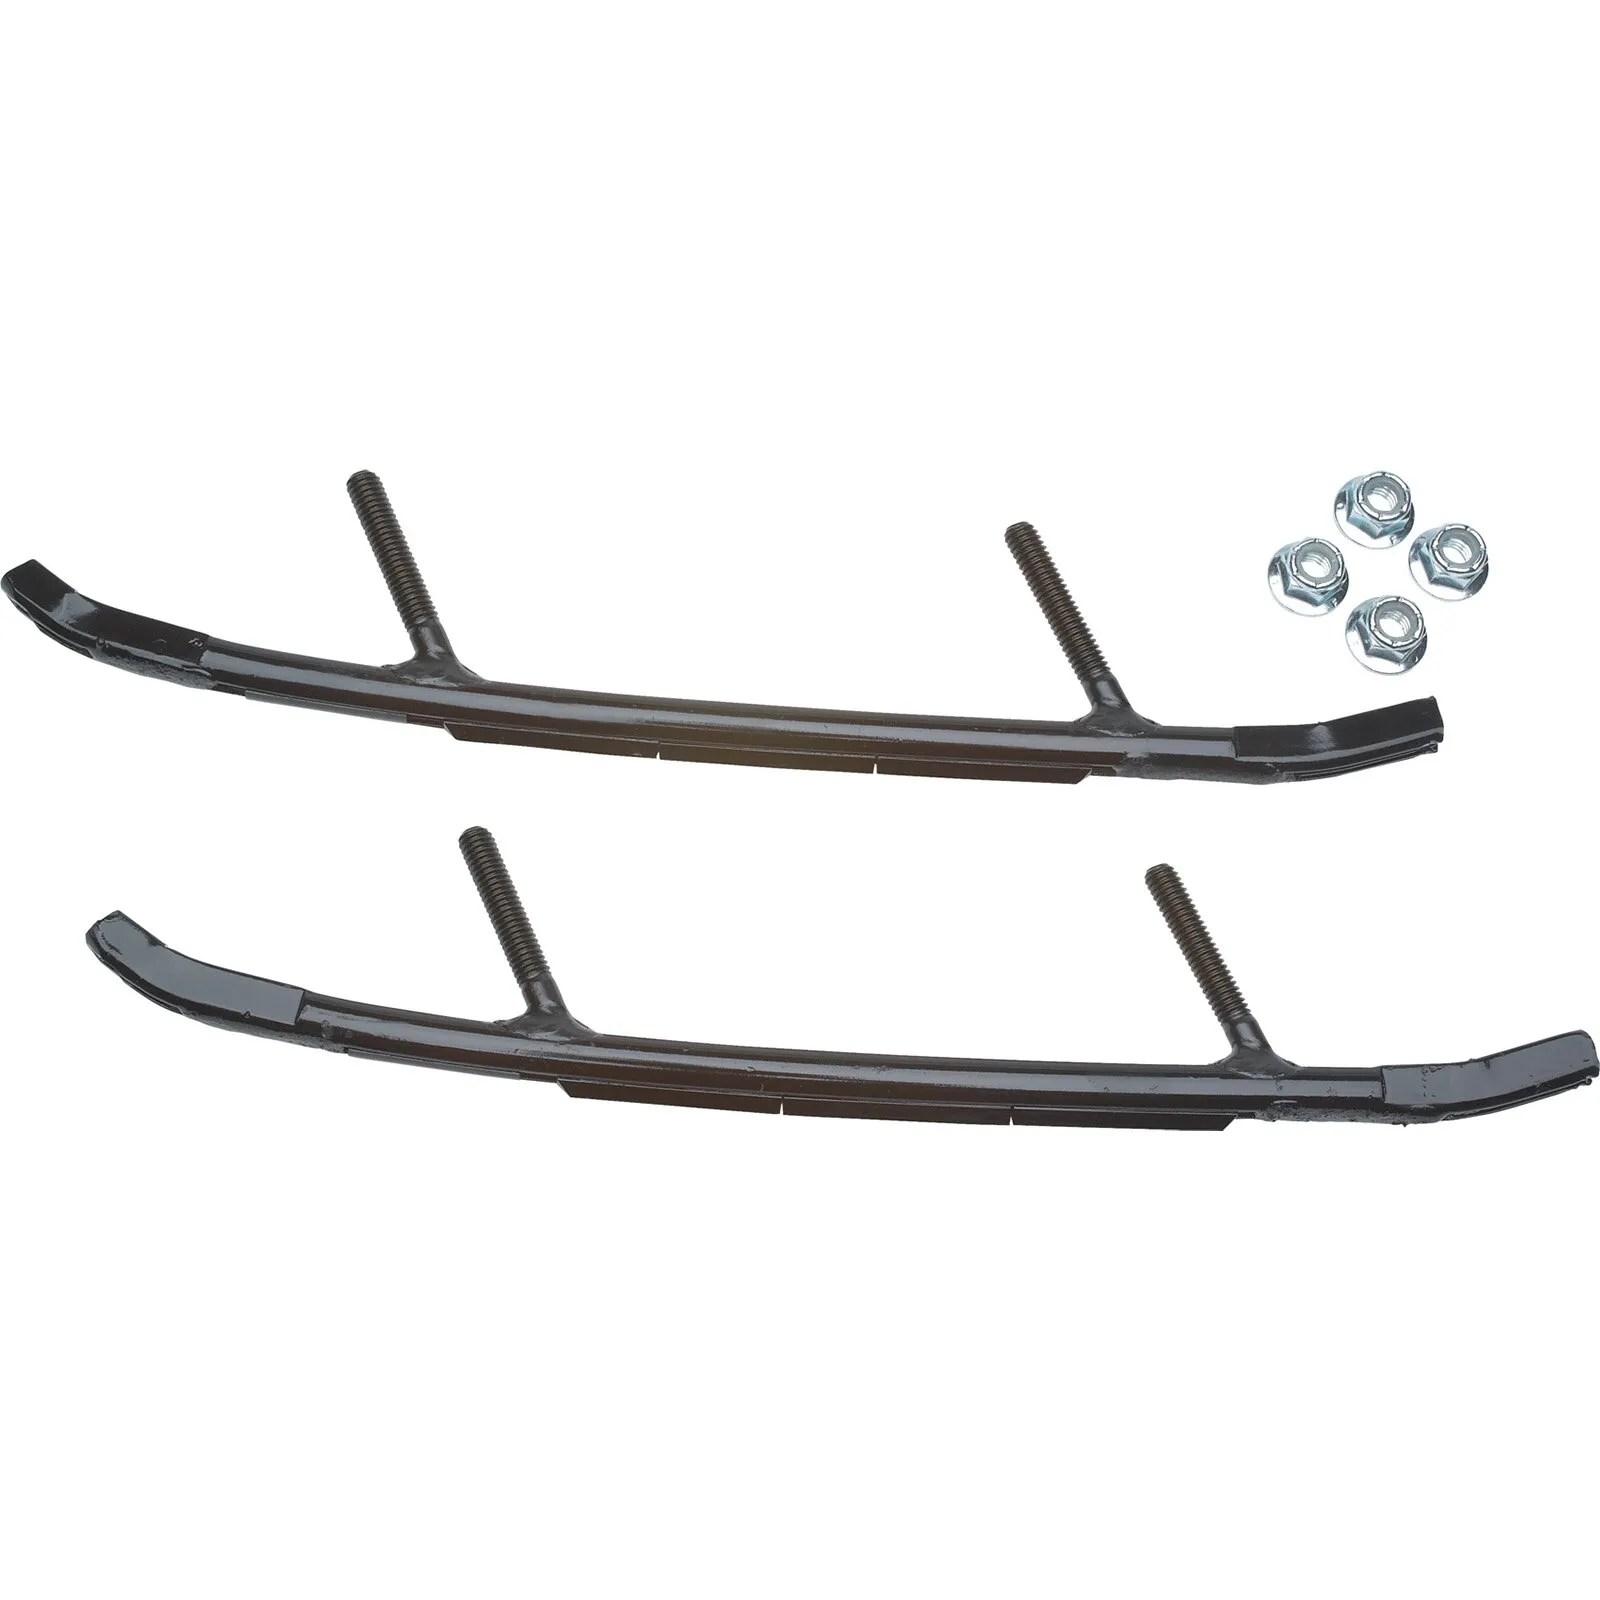 Ski-Doo Trail Blazer IV? Carbides (REV Gen4, XP, XR, XS